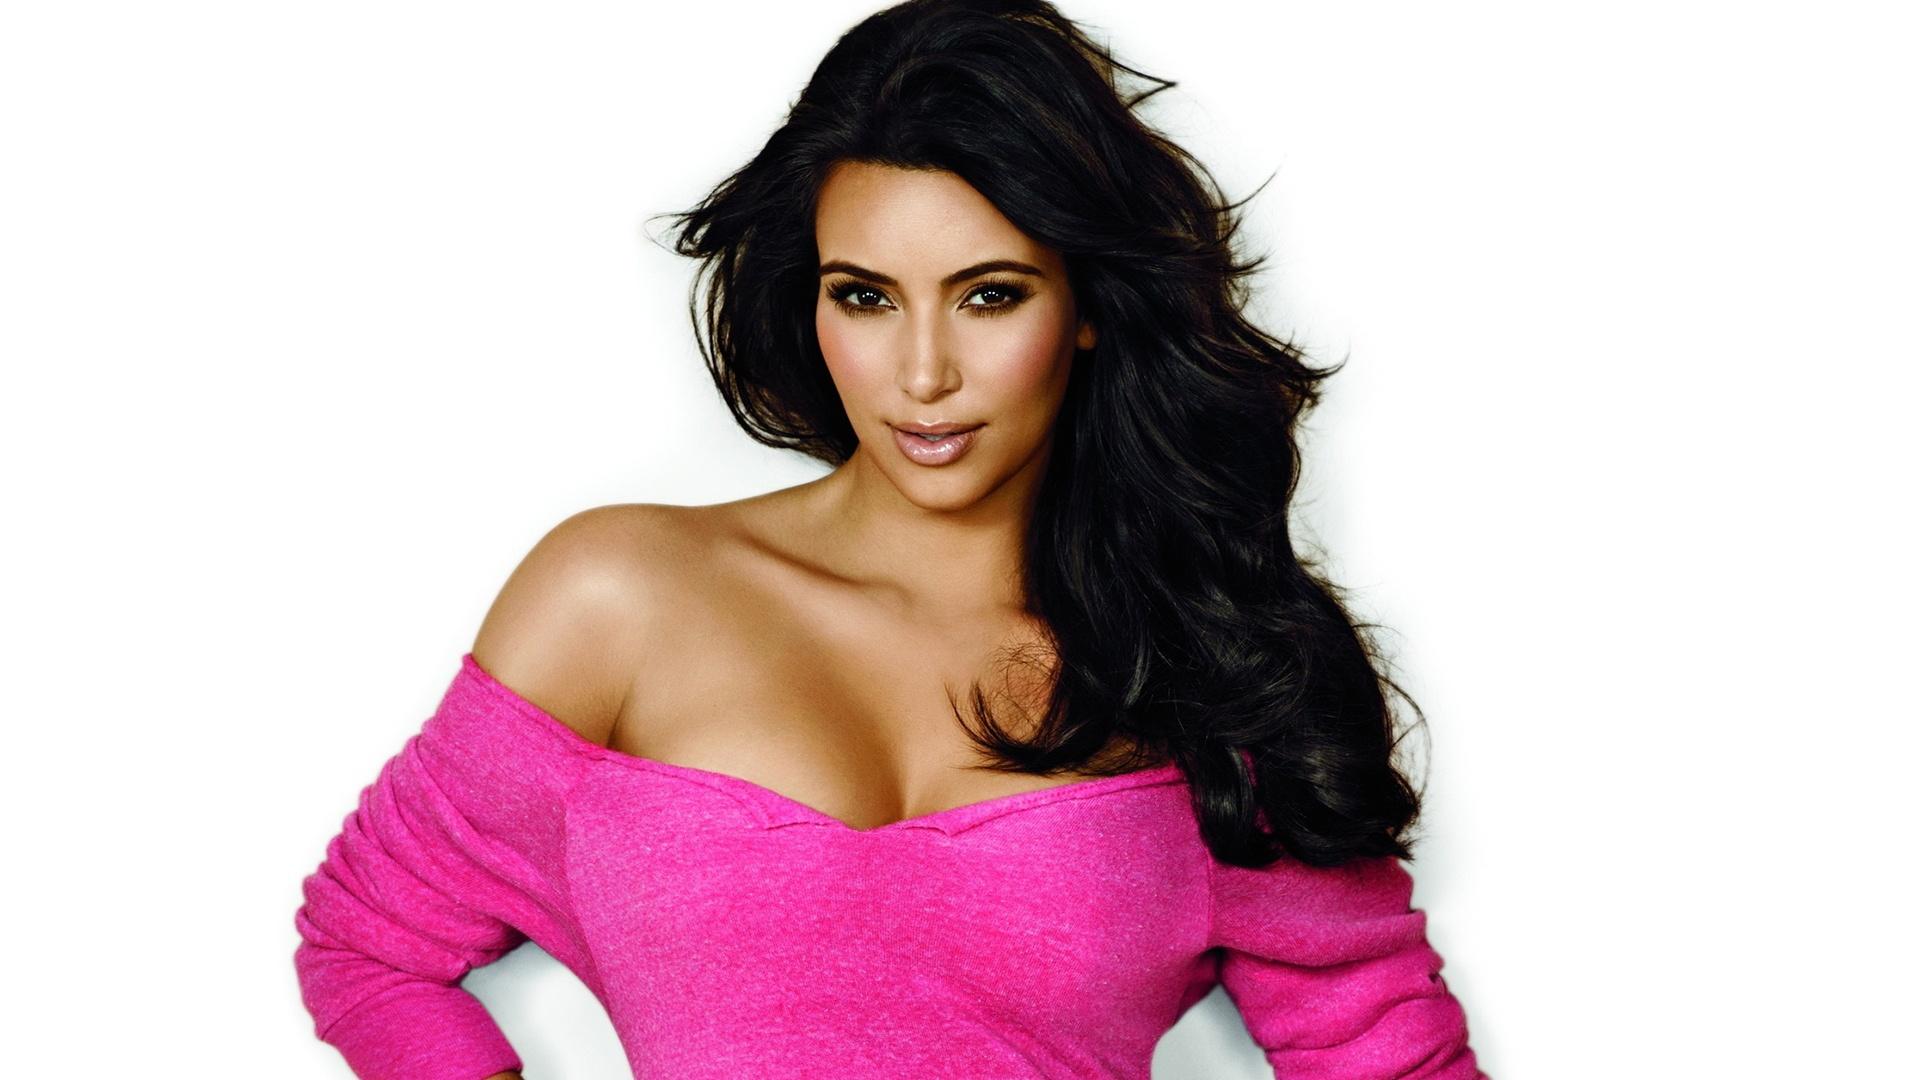 kim kardashian wallpapers hd A1